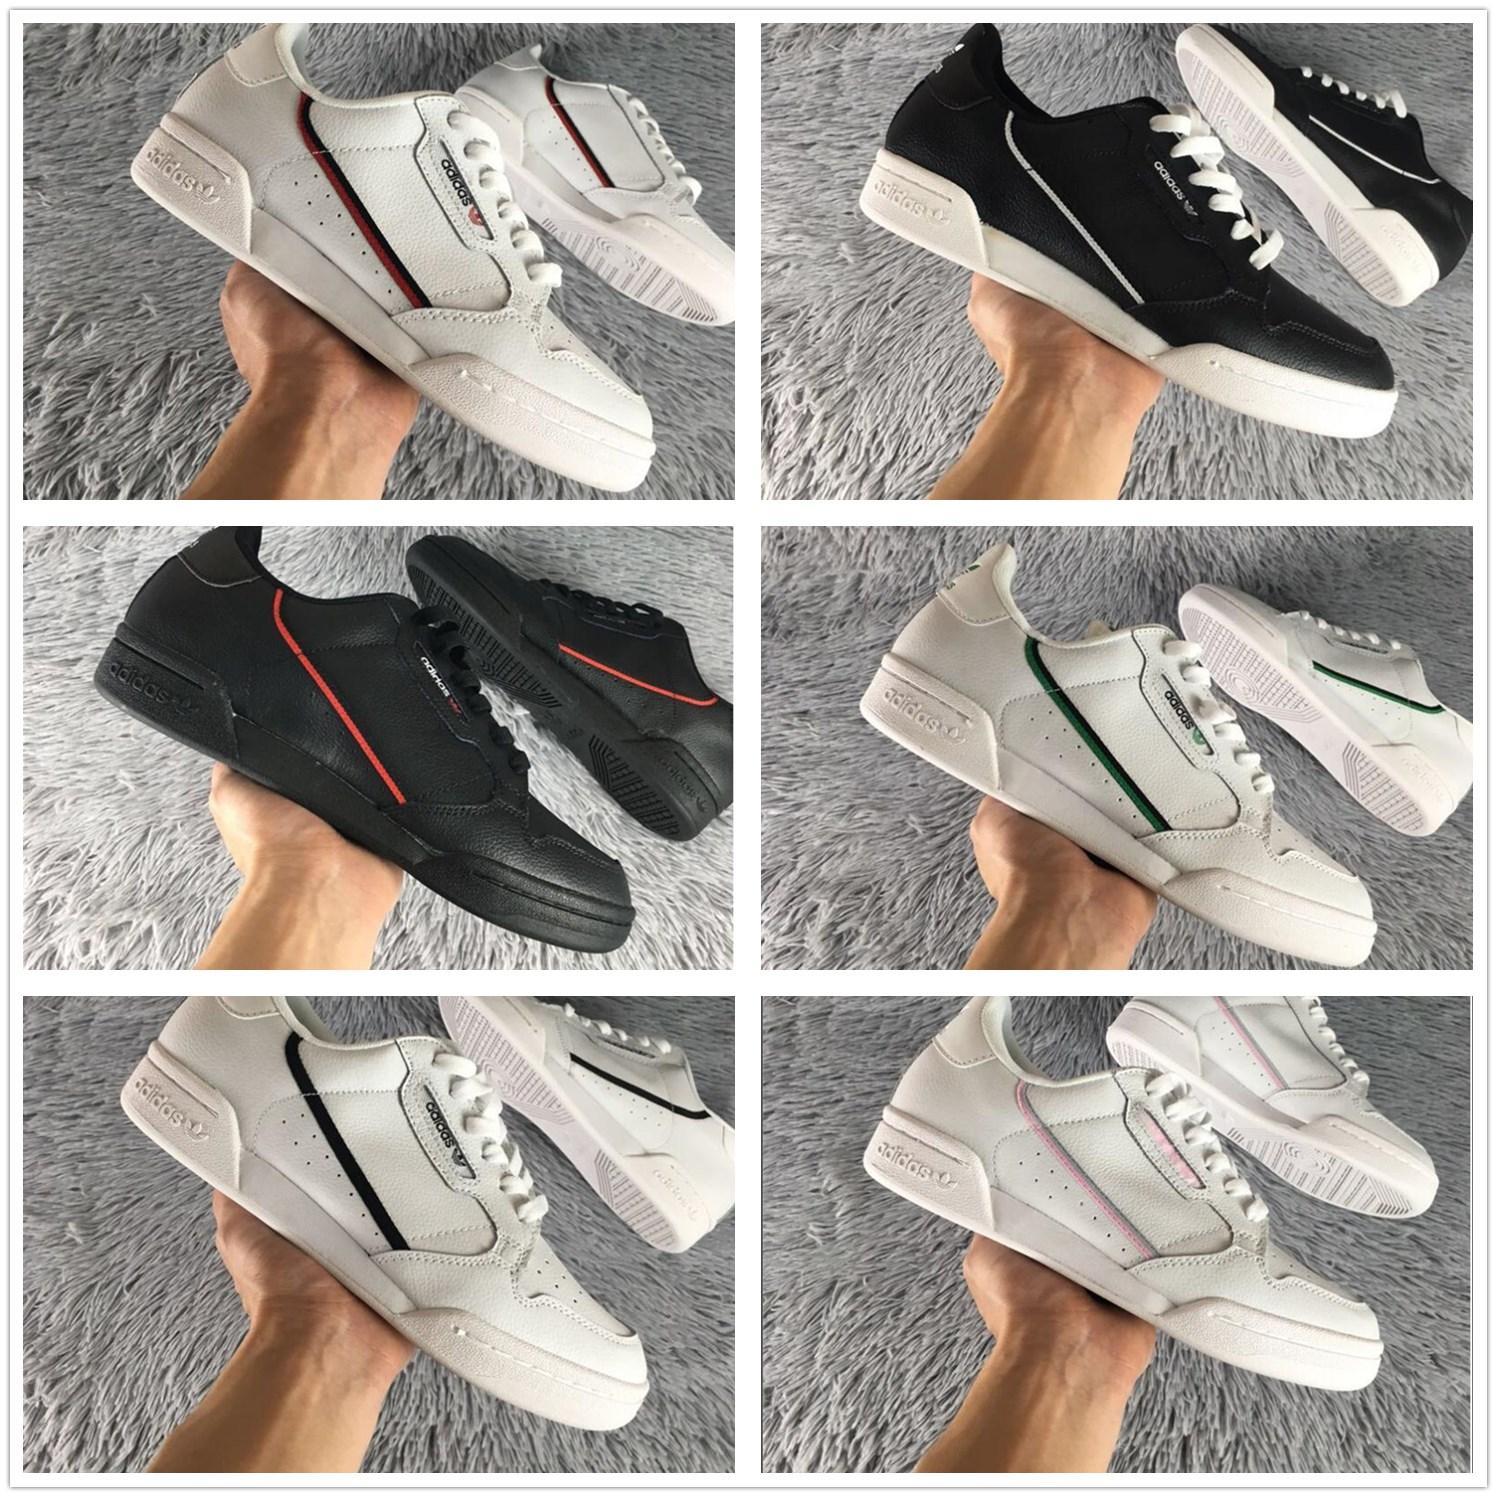 buy online cf999 5f5e6 Compre Nuevo 2018 Original Continental 80 Rascal Leather X Kanye West  Zapatos Para Correr Buena Calidad Blanco Negro Hombres Moda Zapatillas  Deportivas A ...